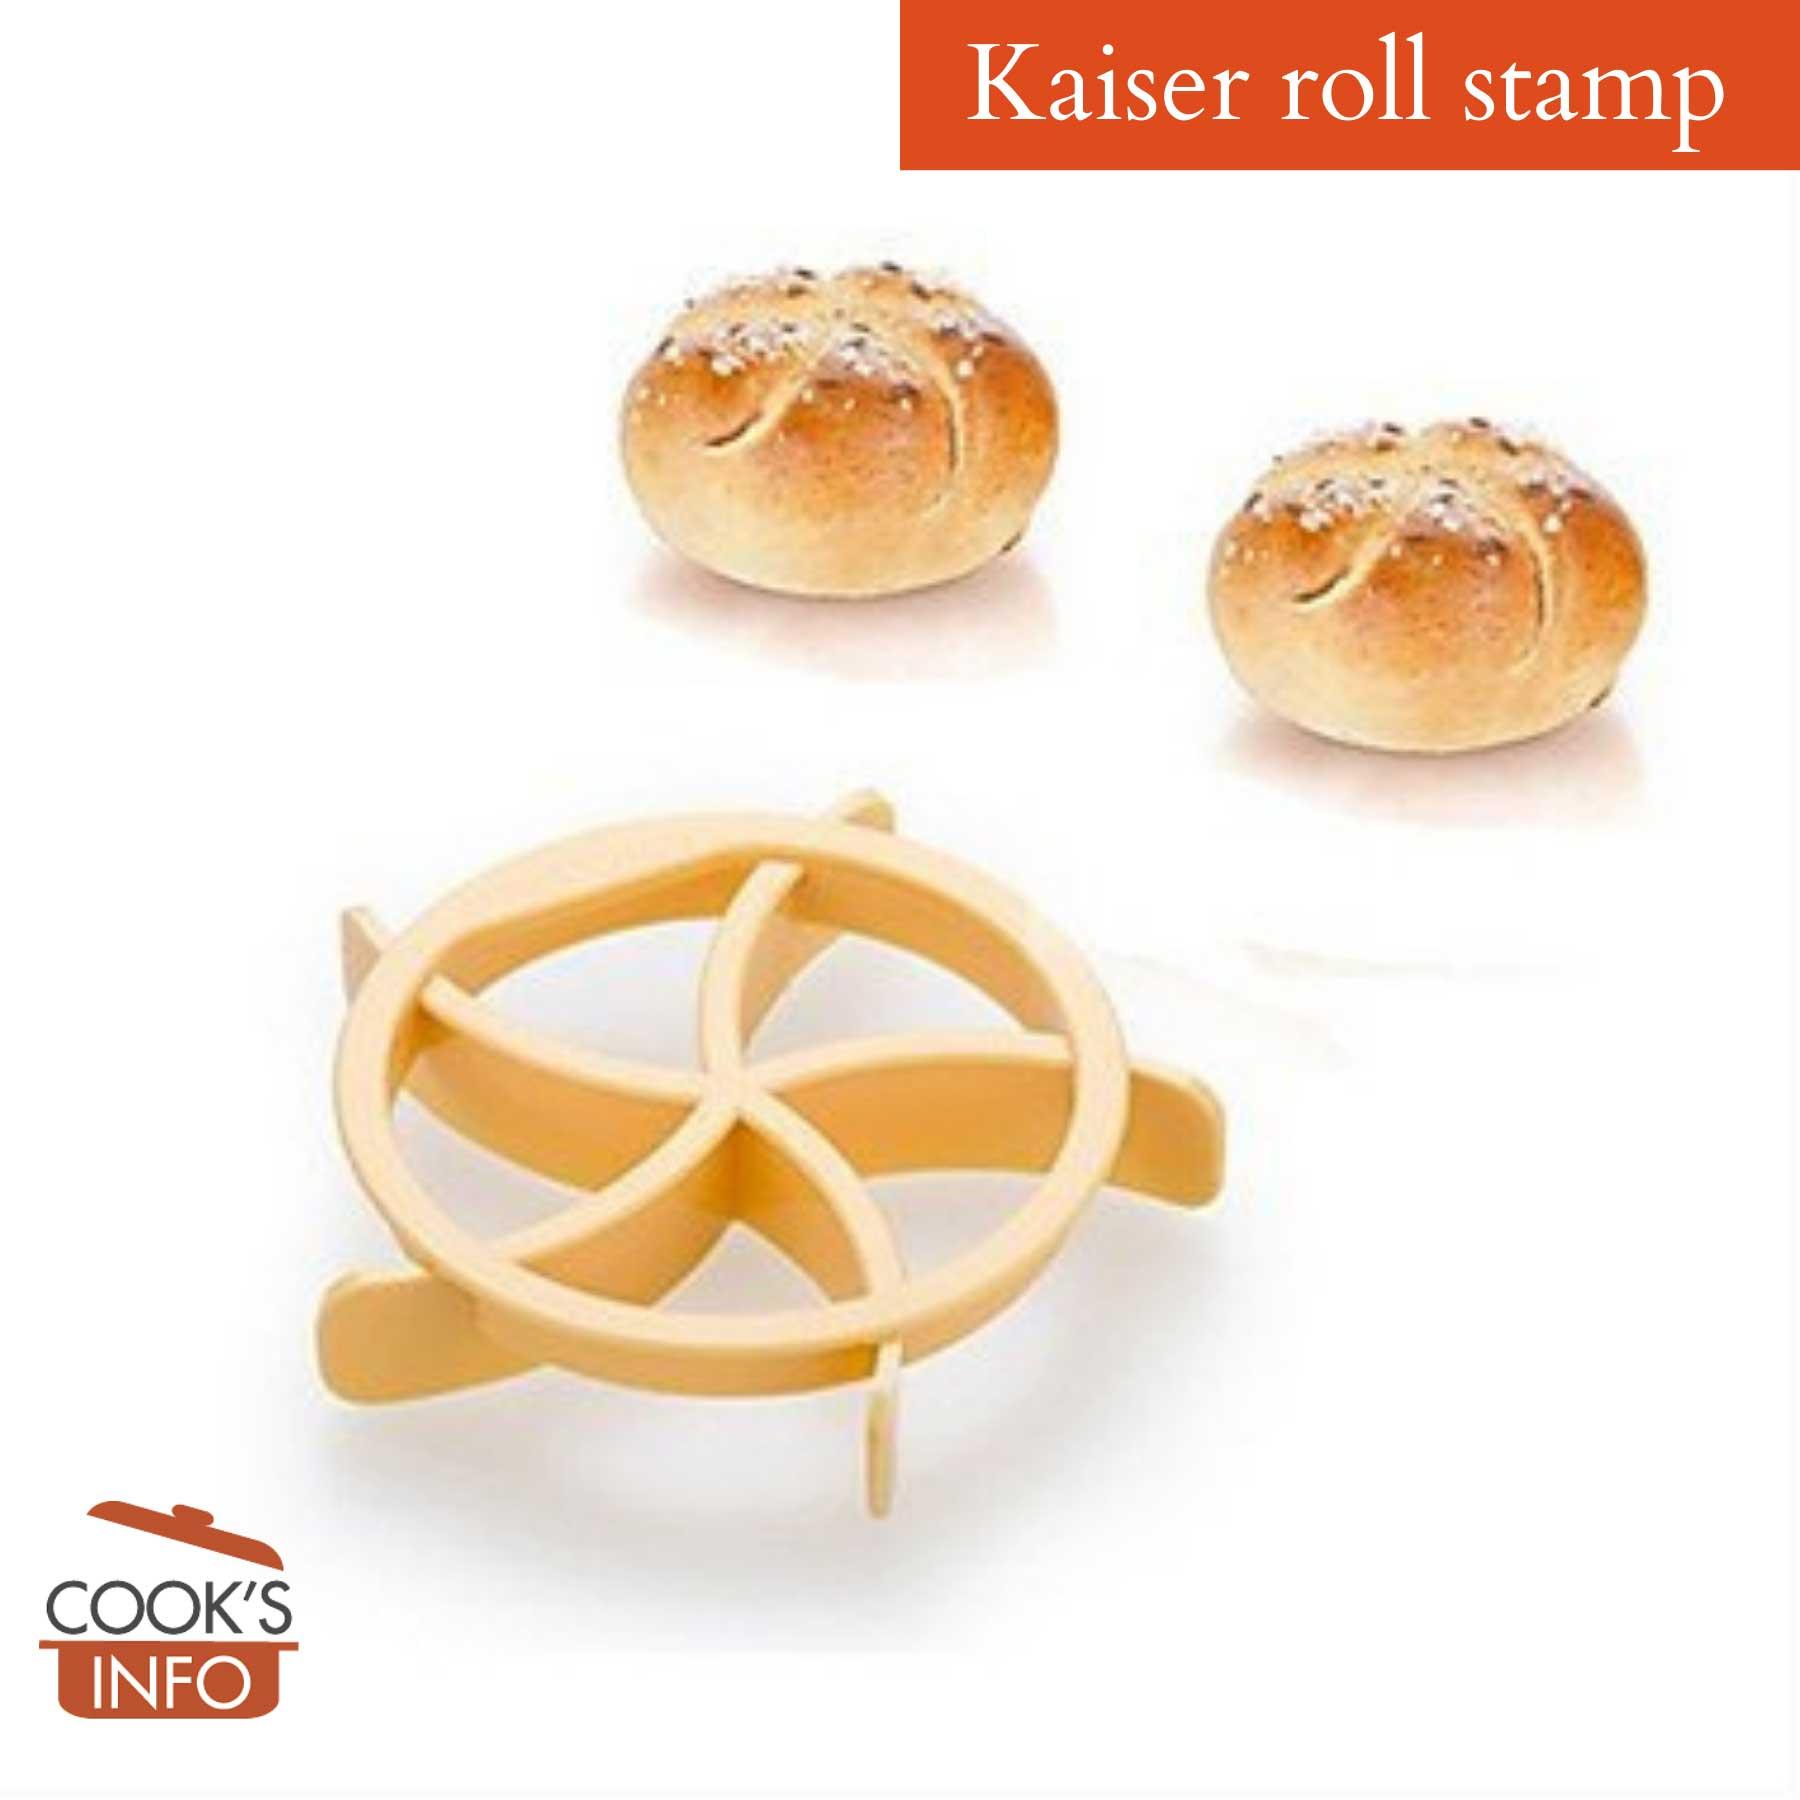 Kaiser roll stamp